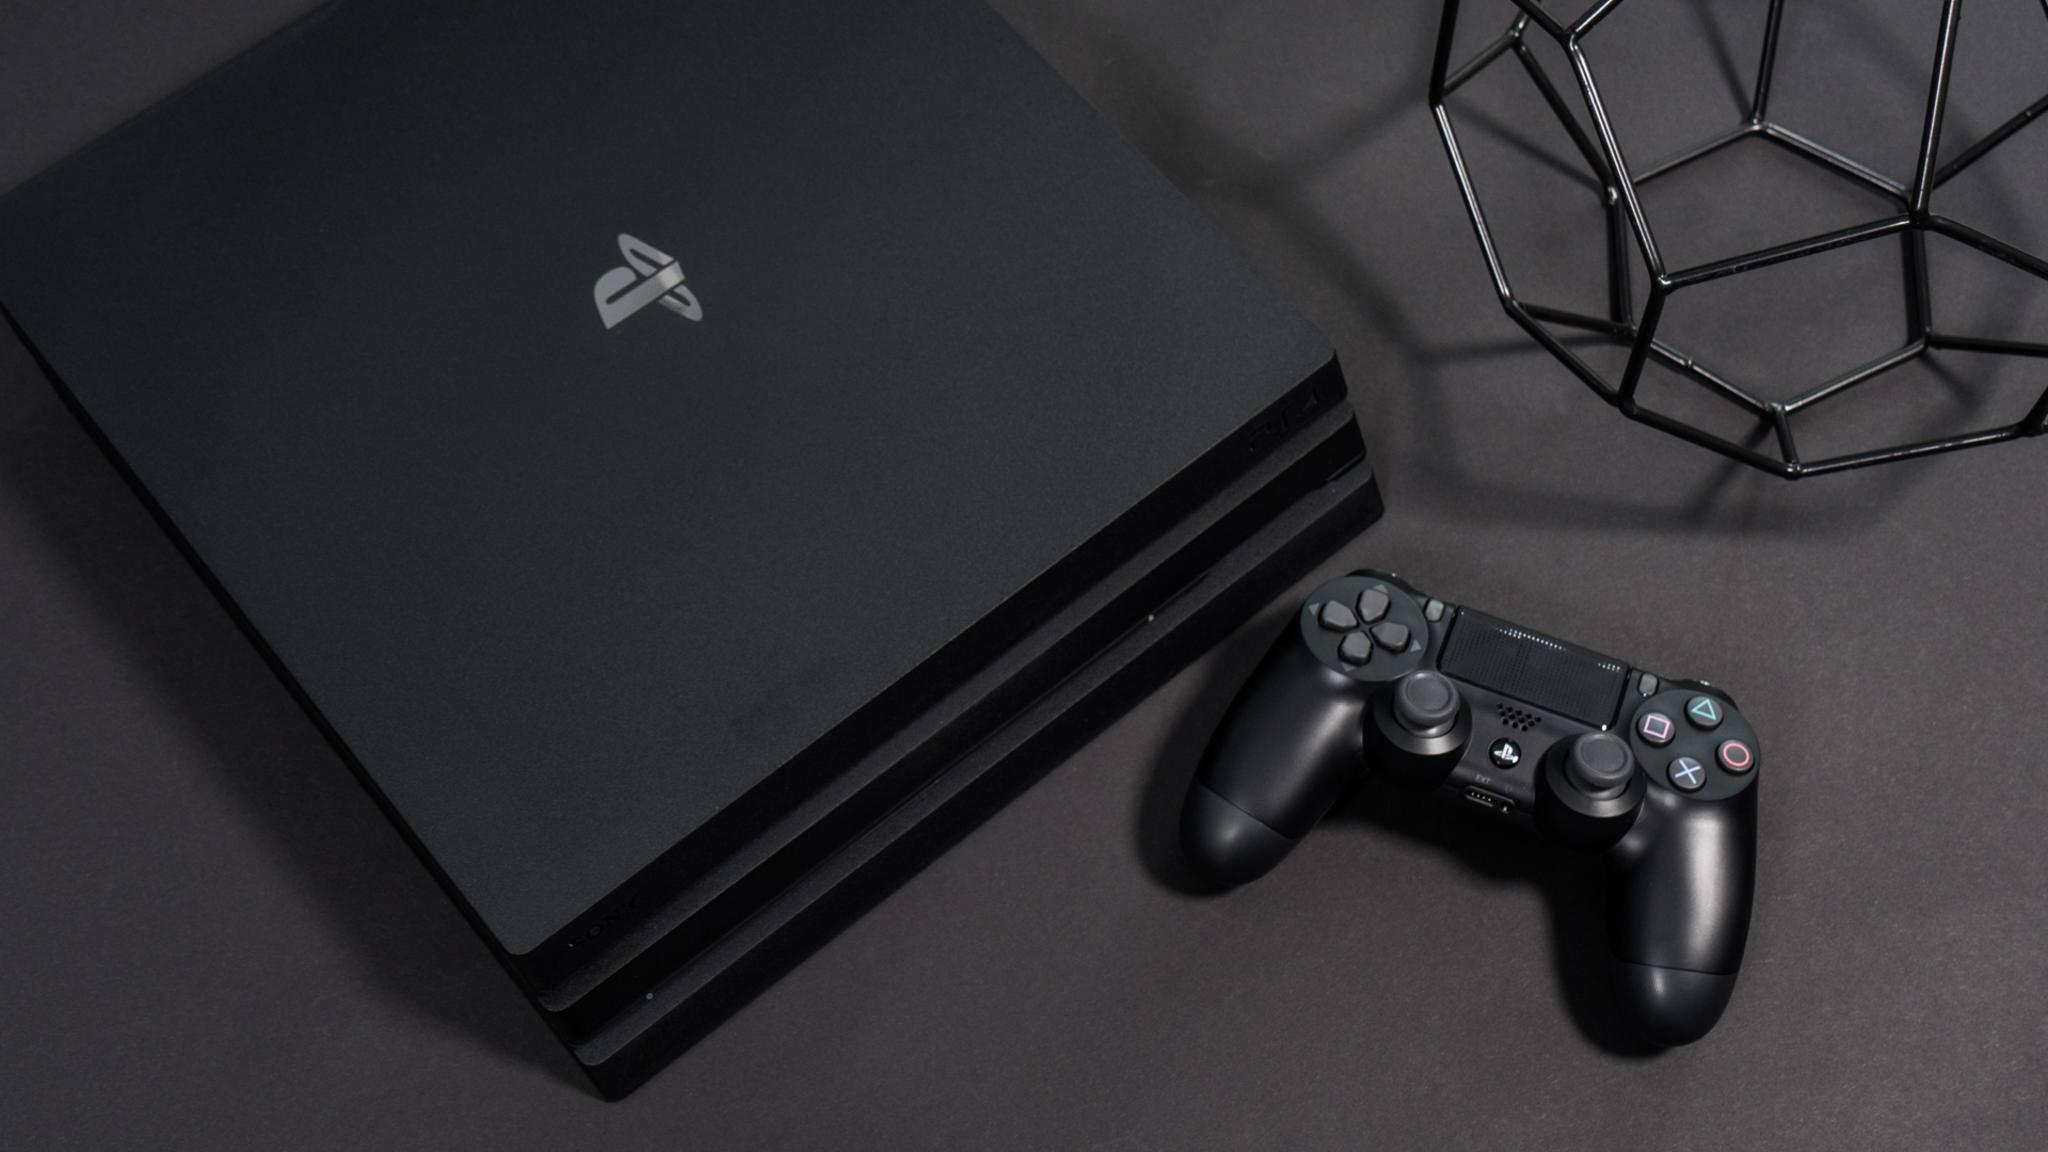 Gewusst wie: Spiele auf der PlayStation 4 kannst Du mit anderen Nutzern teilen.